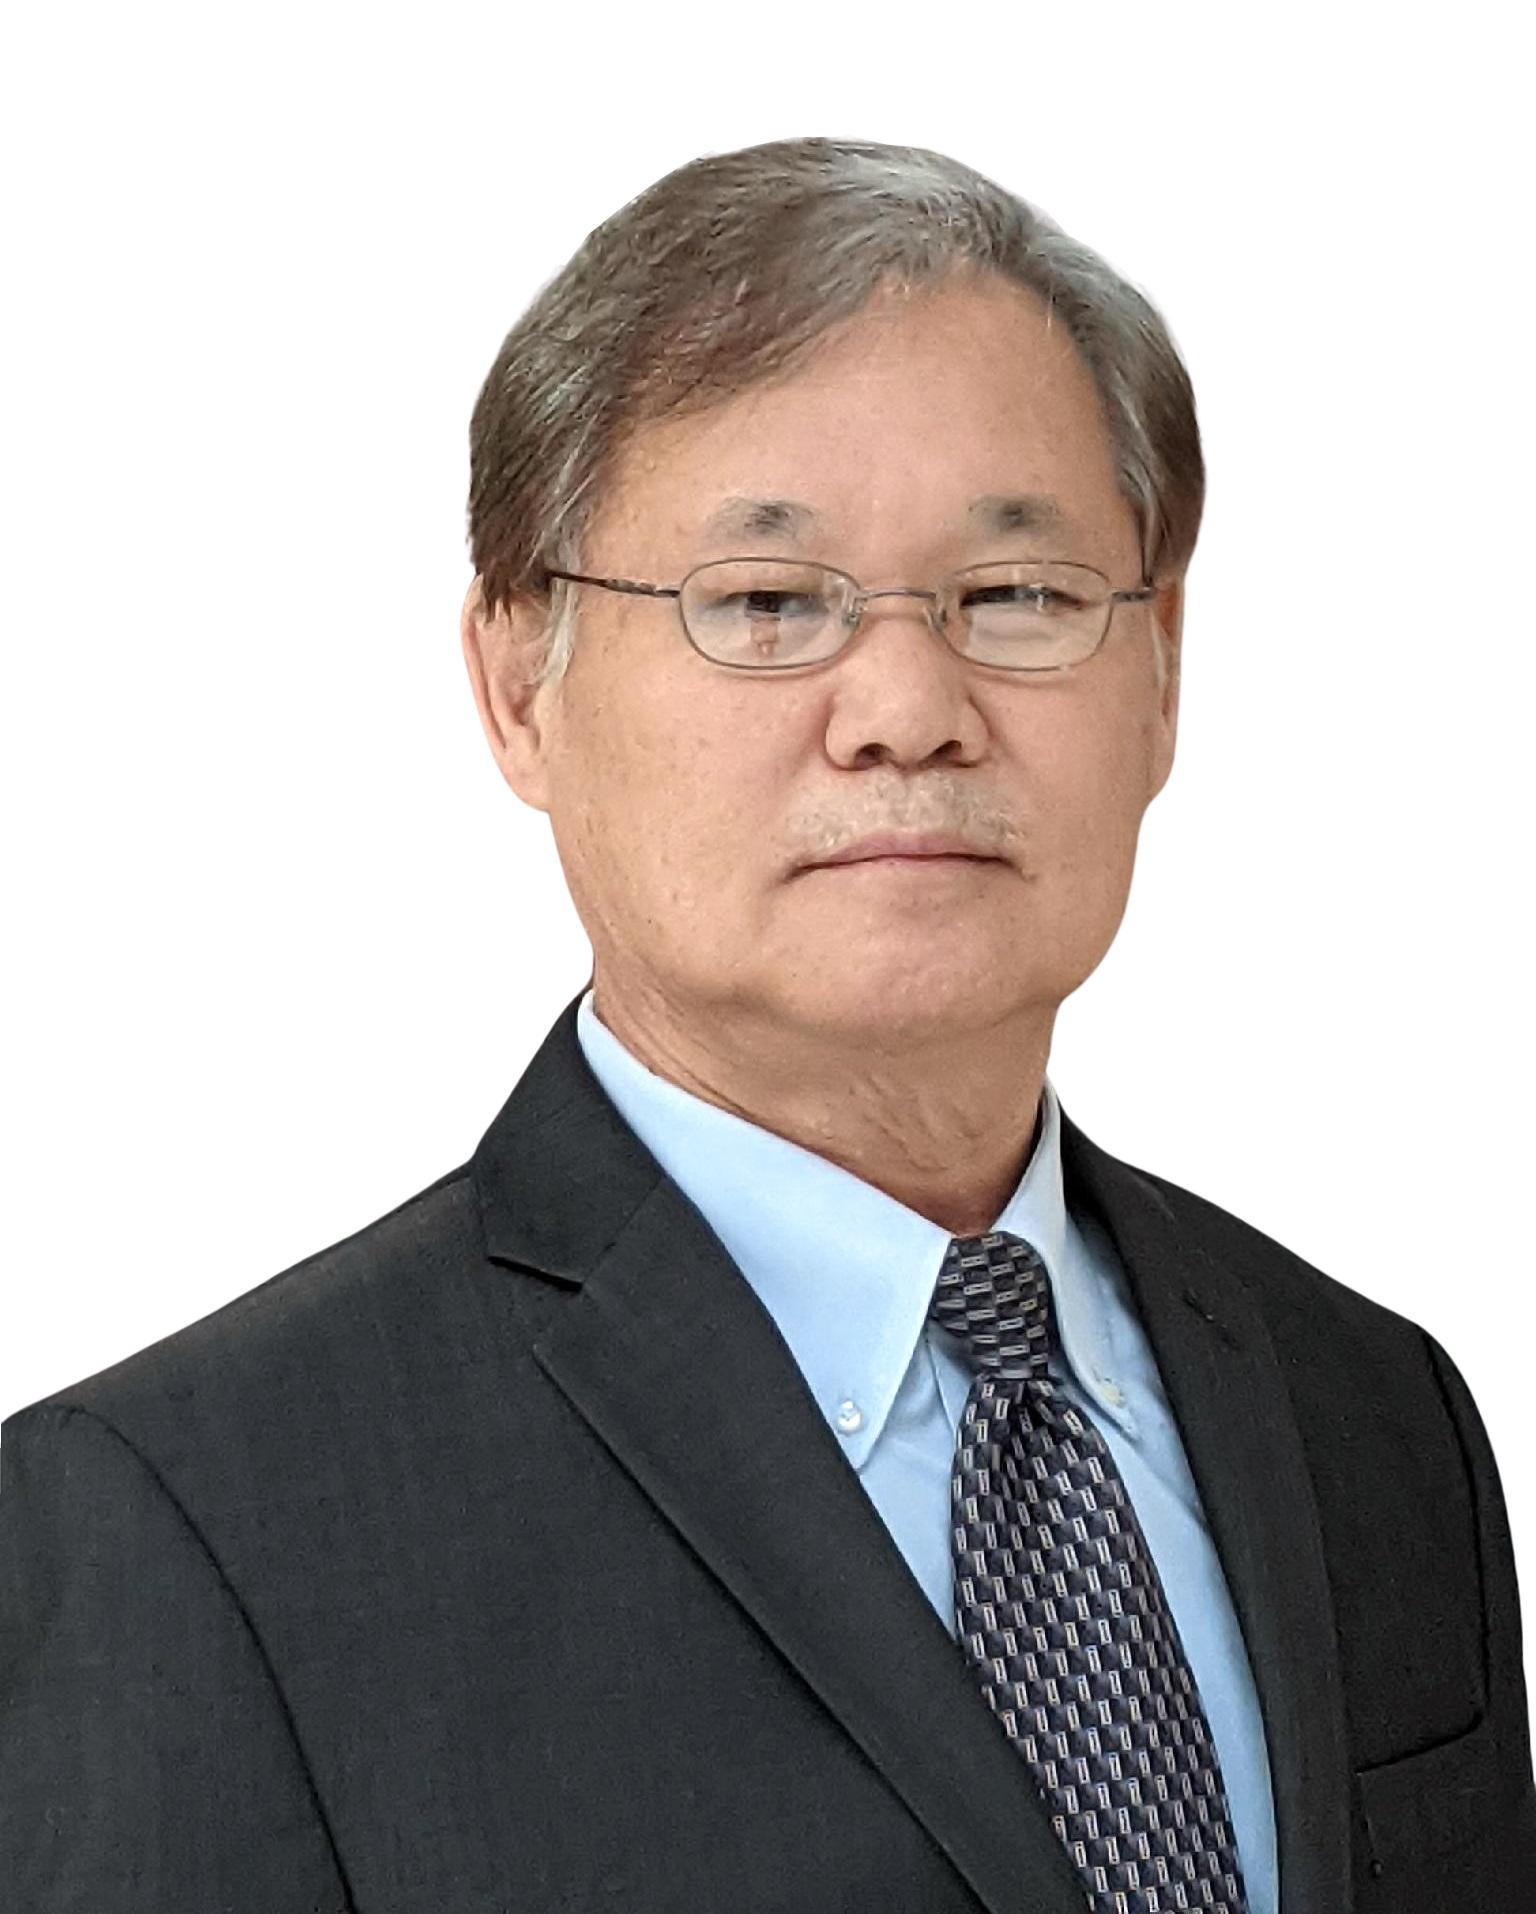 Douglas K. Cho